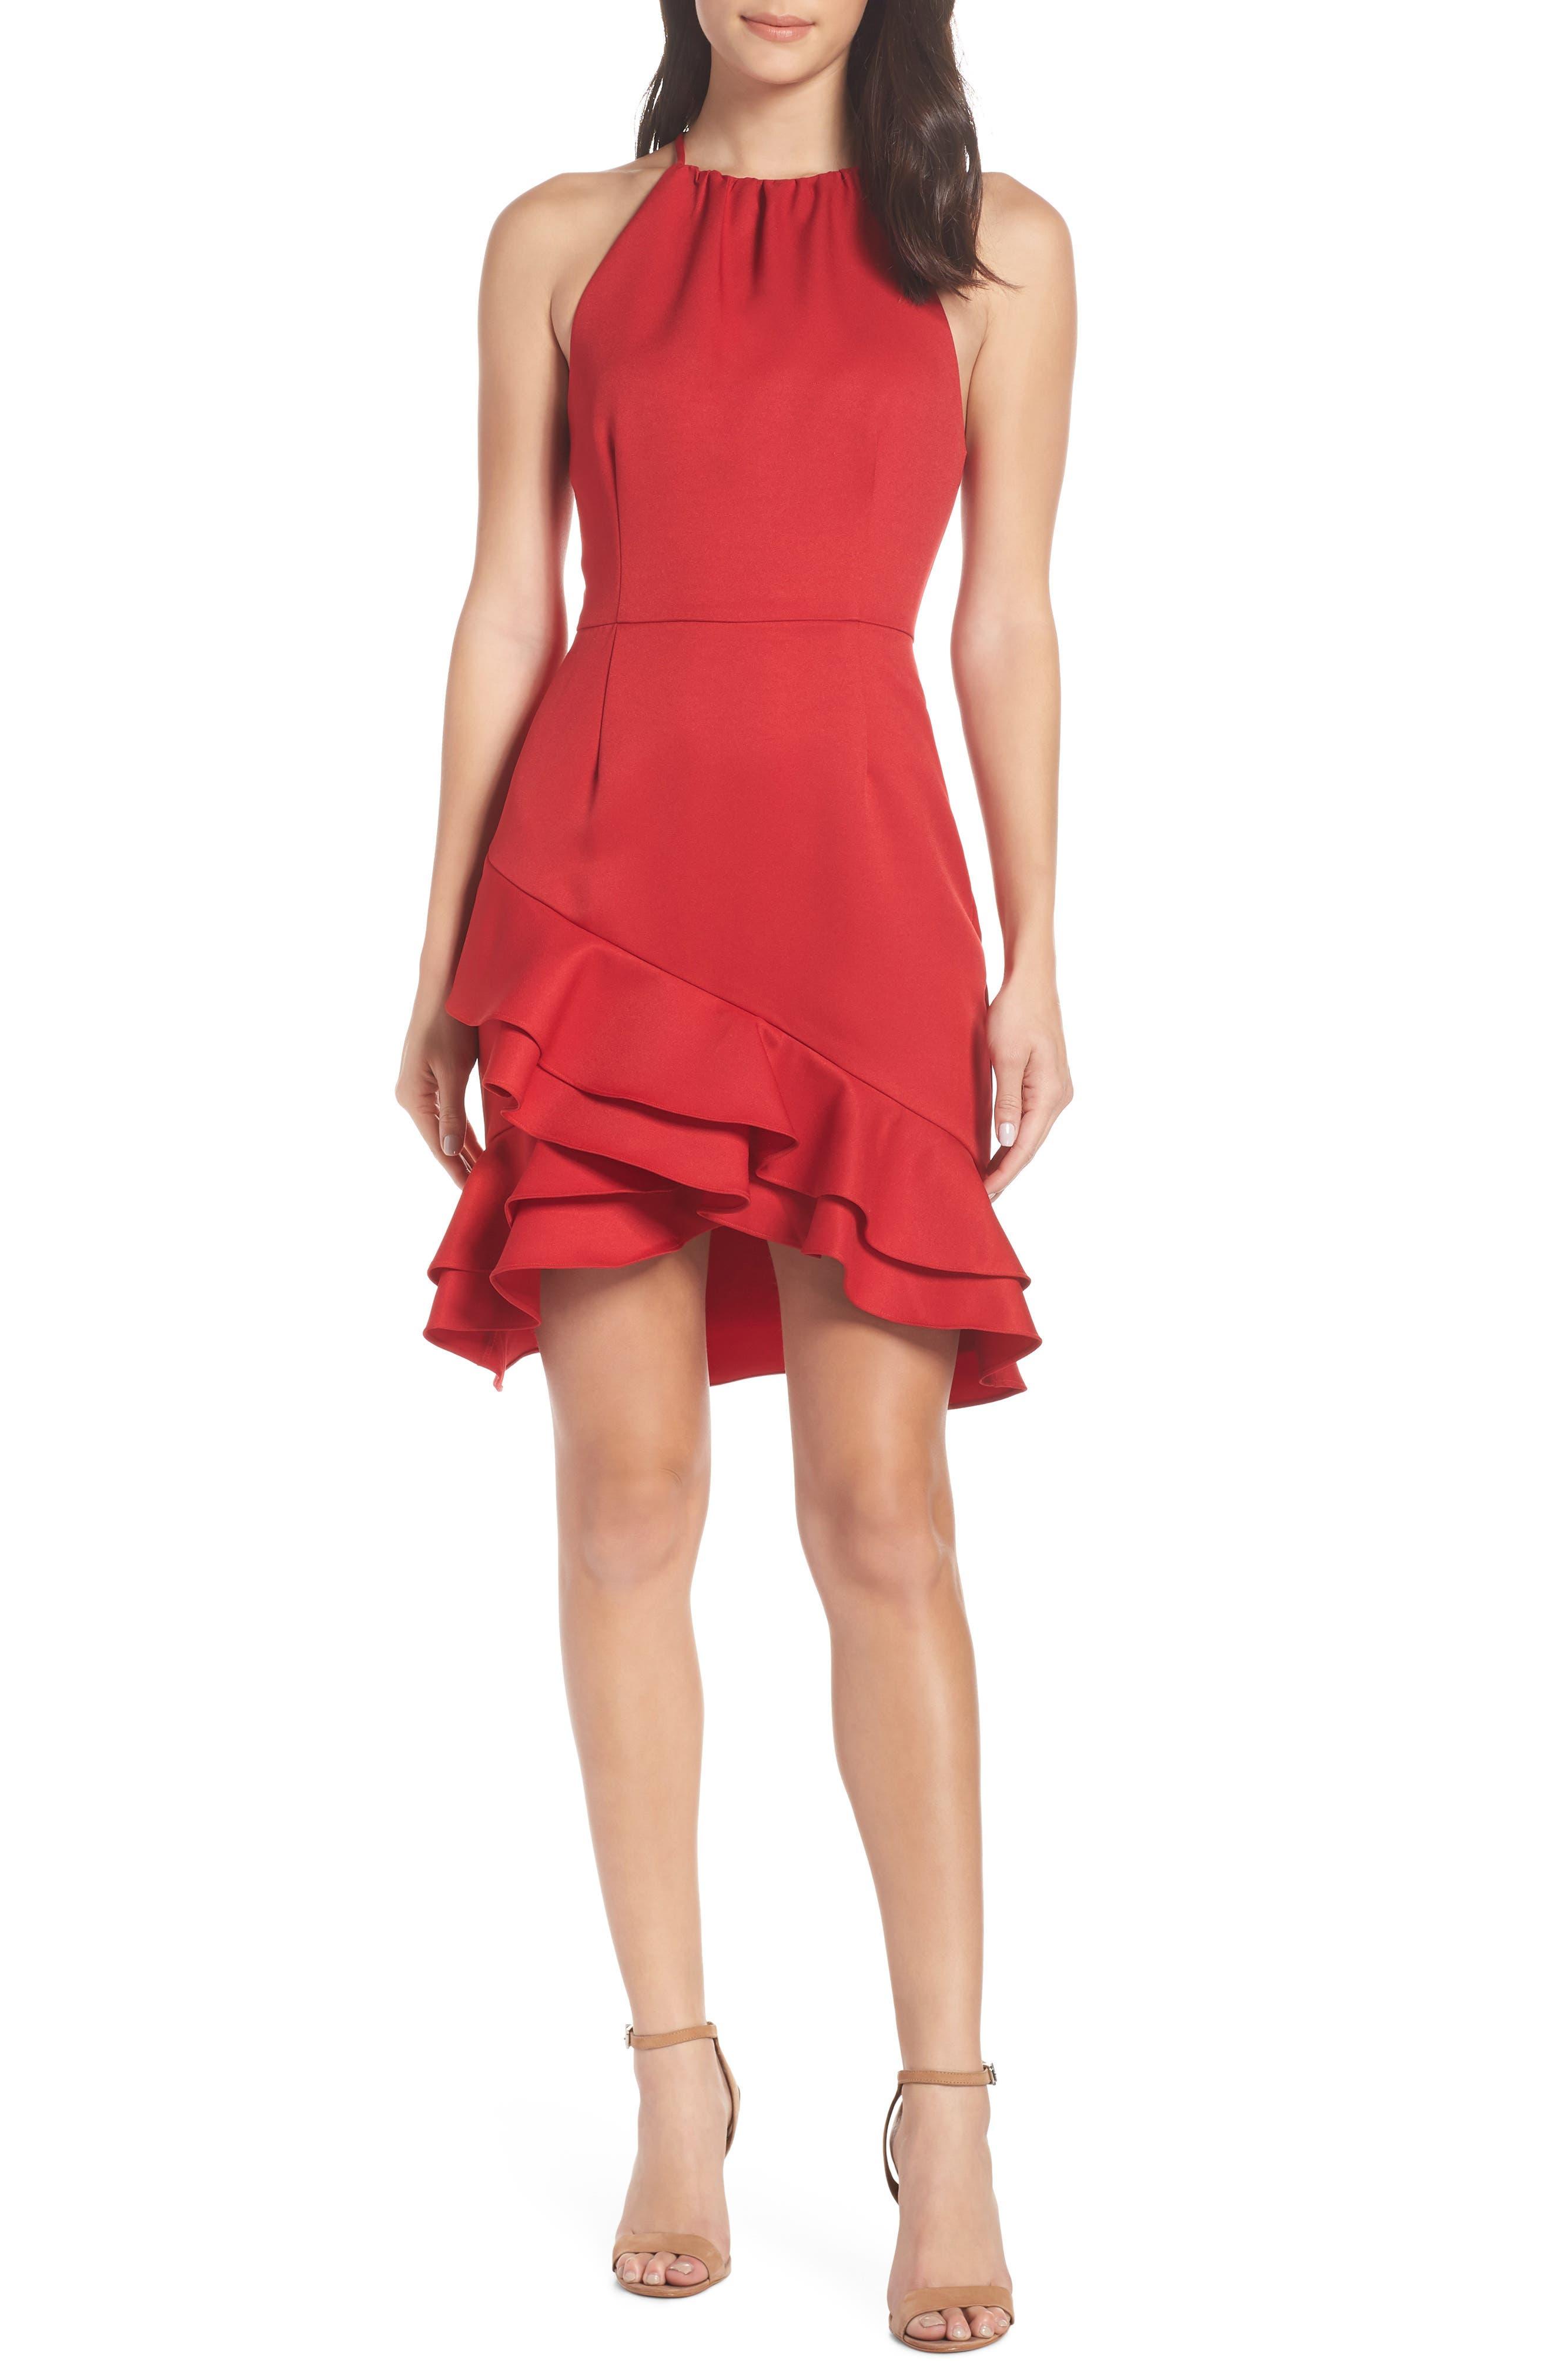 Cooper St Senorita High Neck Ruffle Dress, Red